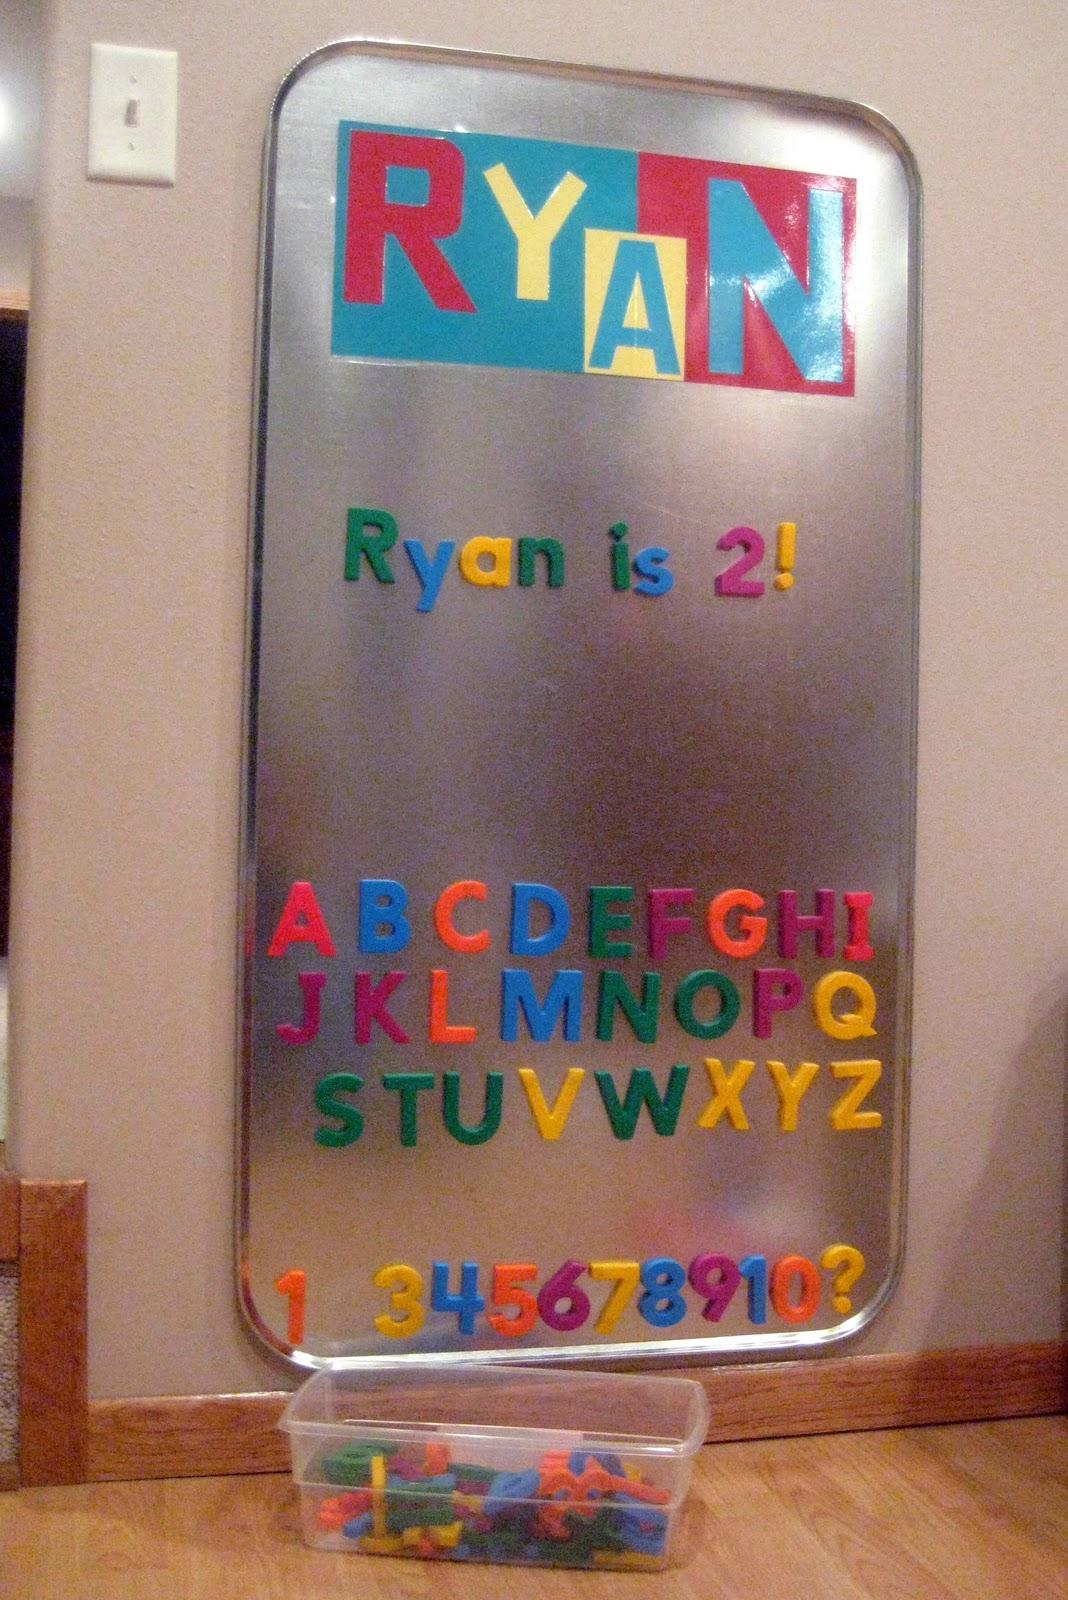 cobo  oil drip pan magnet board